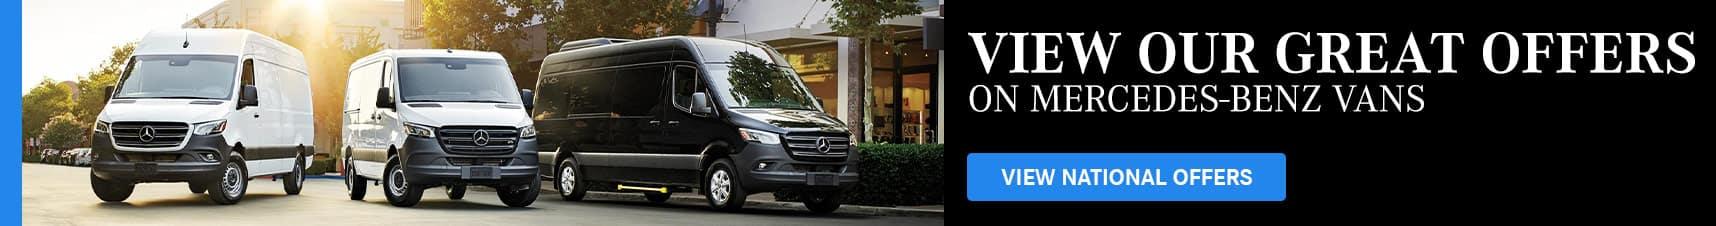 National Van Offers